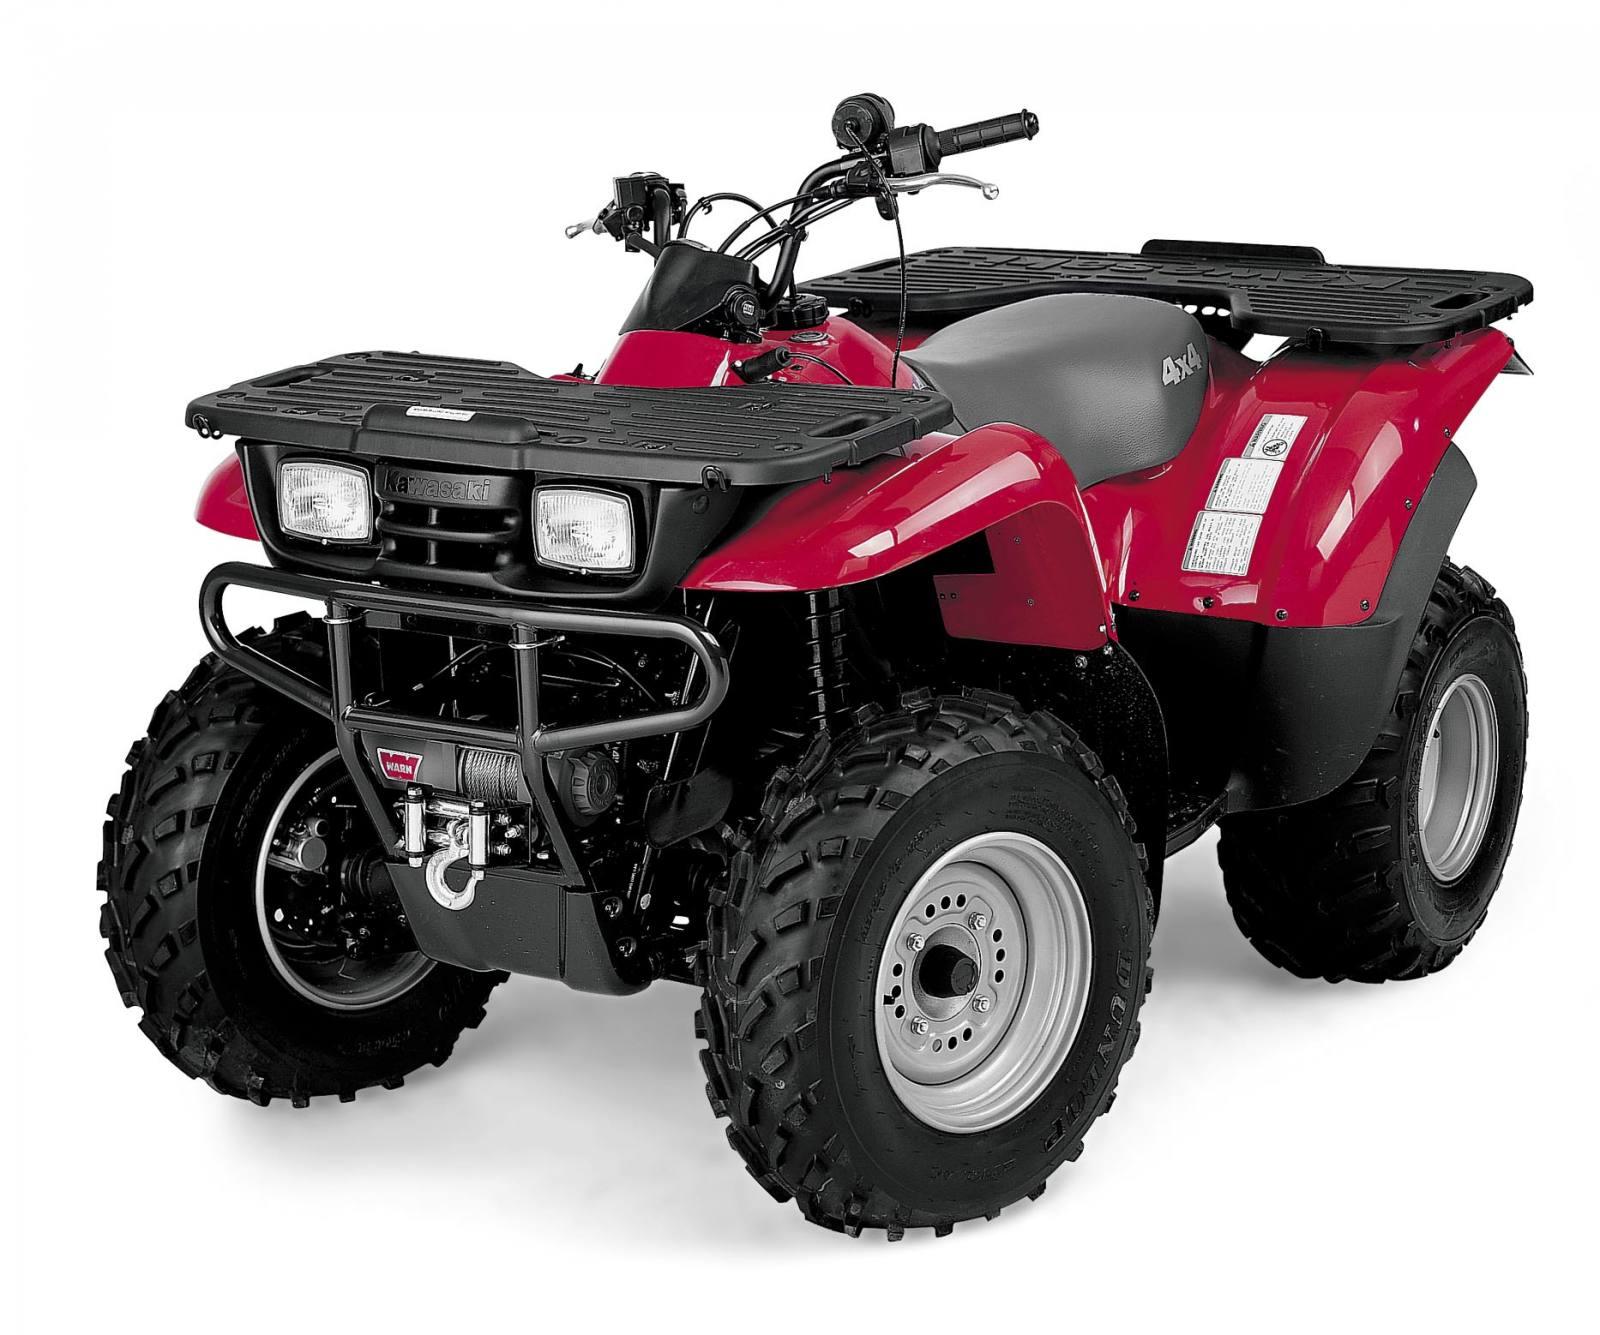 WARN 102920 ATV Winch Mount Kit for Yamaha Viking 2015-2019